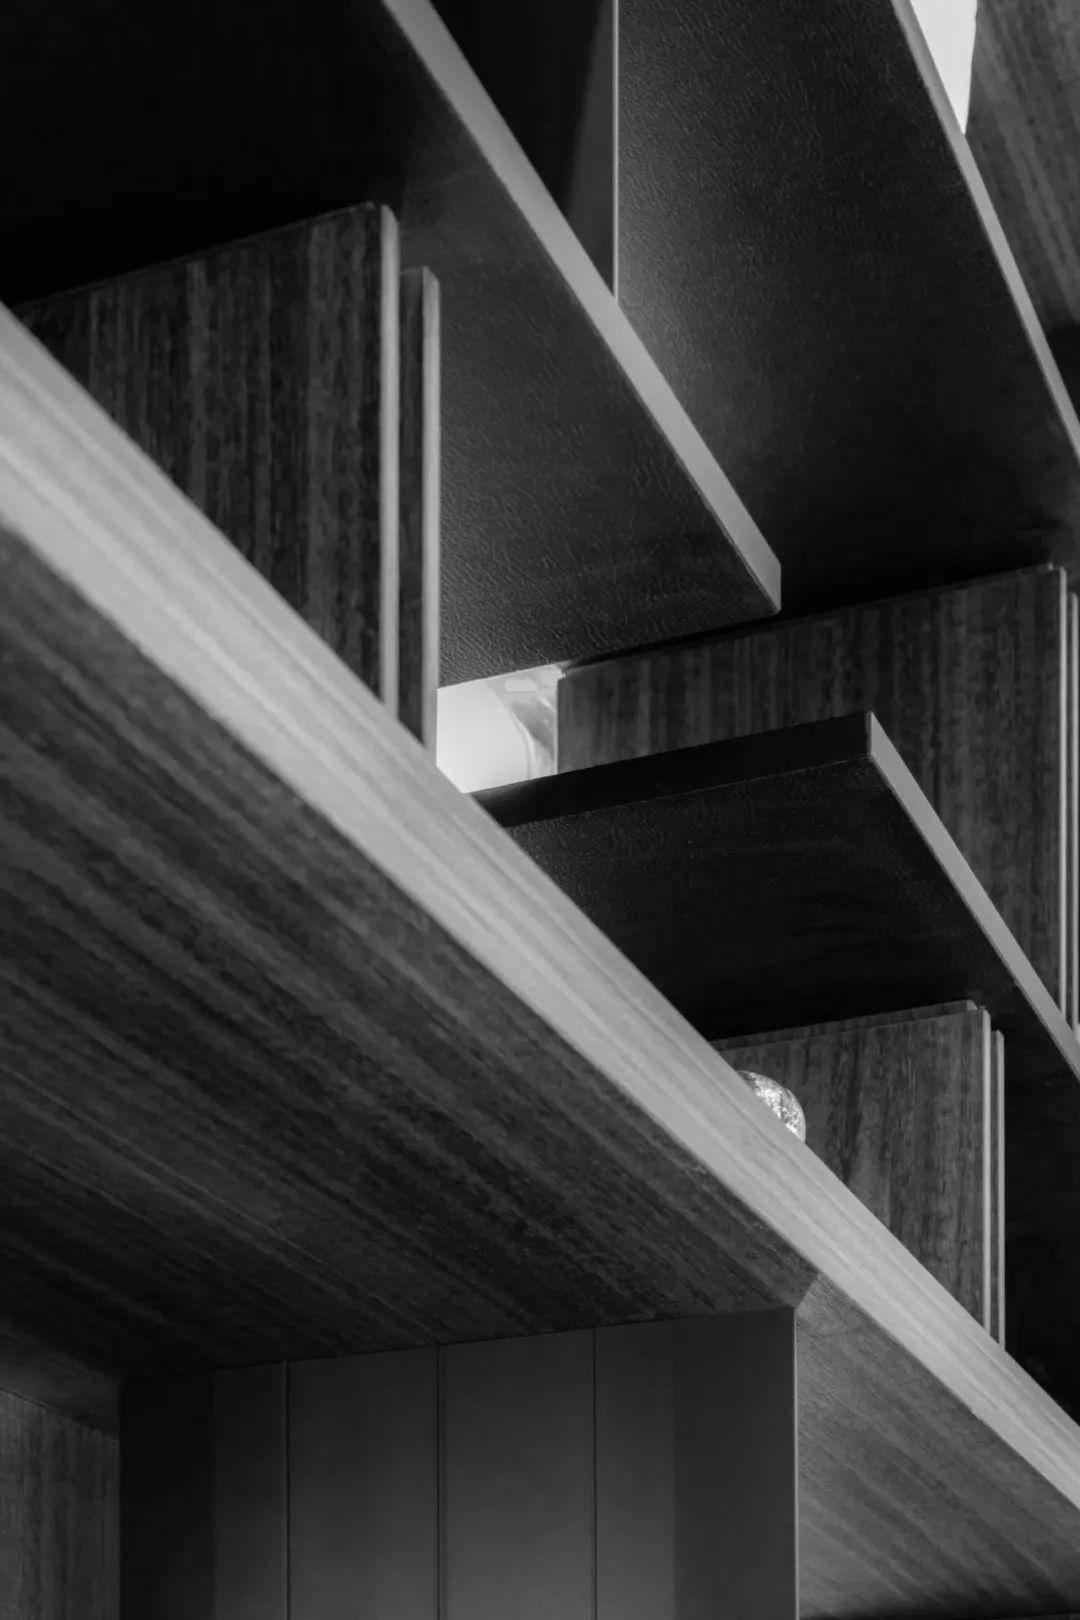 设计图纸   利用玻璃墙体隔断,将空间分割,于动线、视觉、空间序列,创造空间更多层次感与穿透感,铺陈空间次序;天地壁的交替分割牵引,强化空间层次与属性.